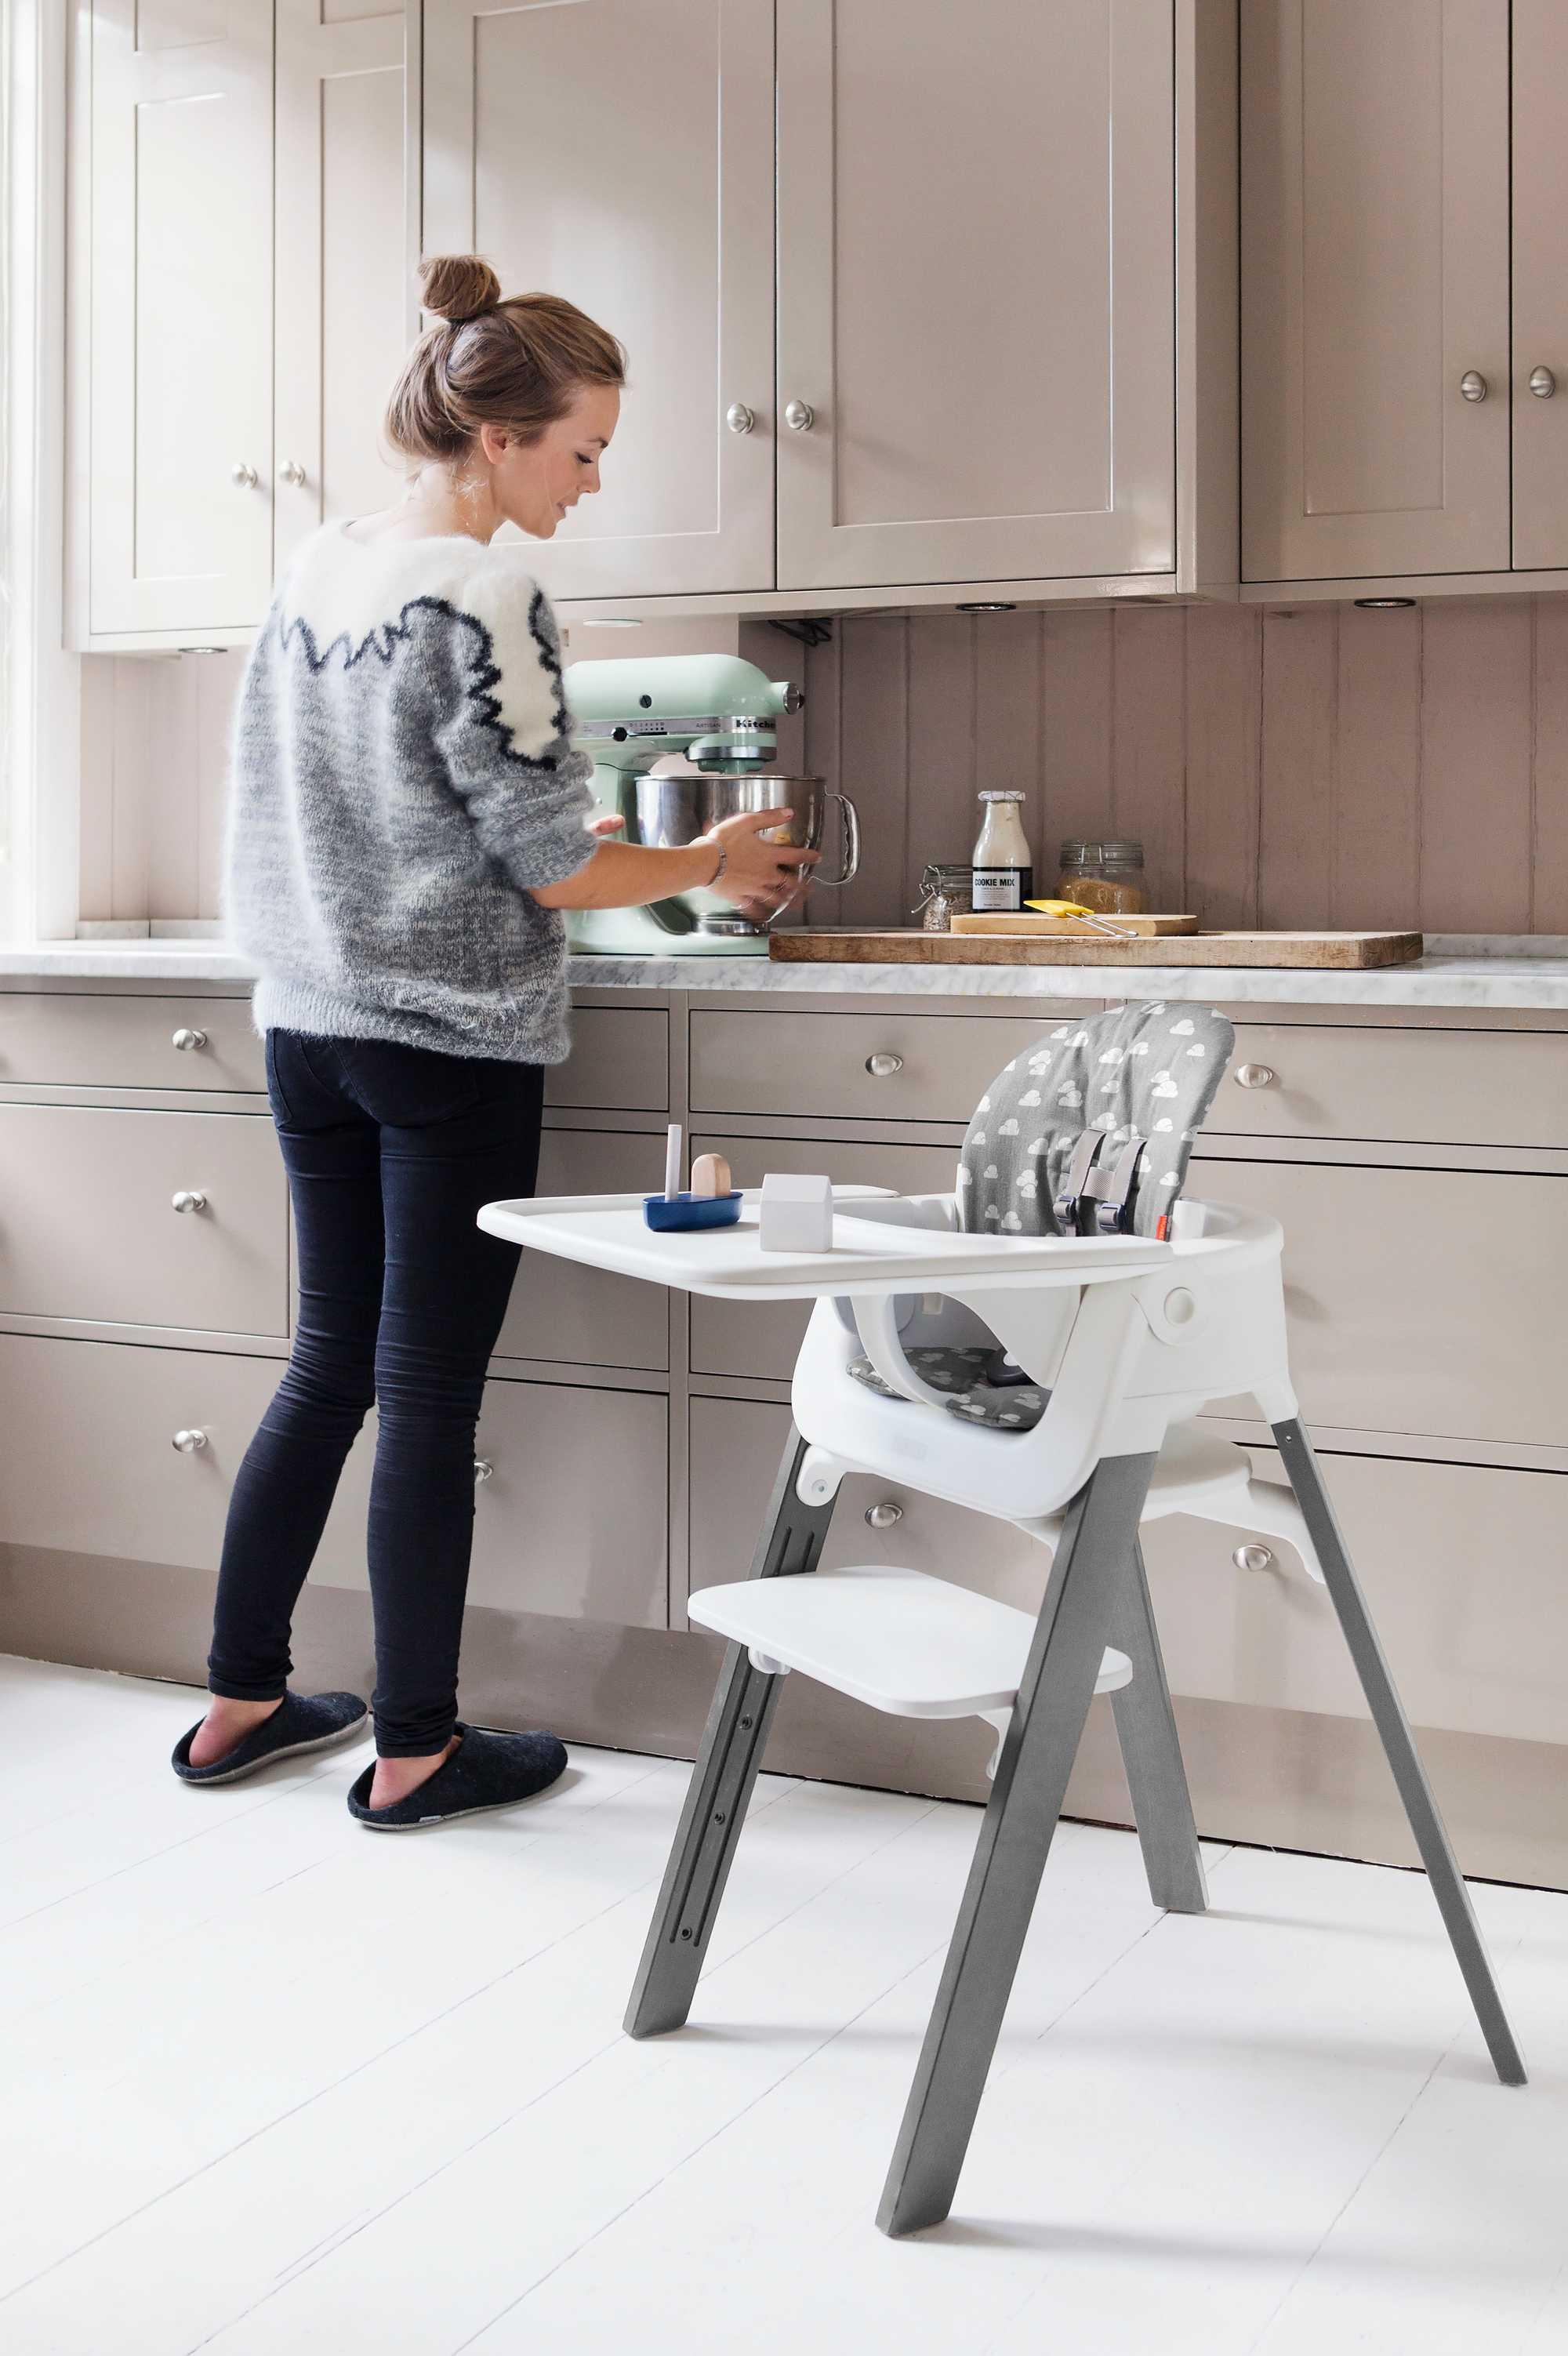 steps keuken meegroeistoel